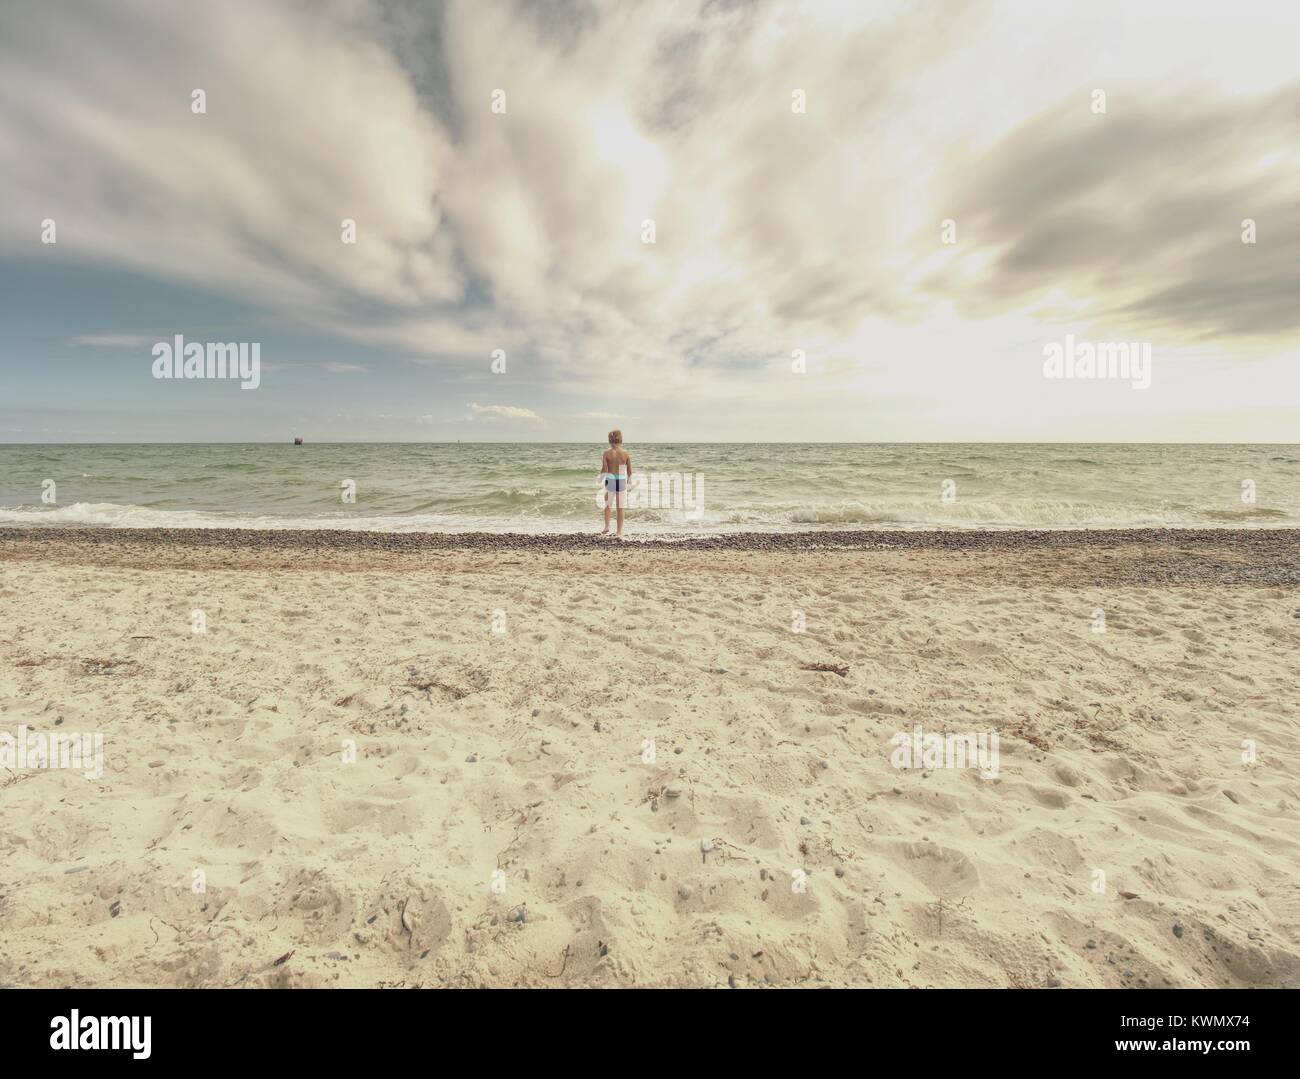 Blonde Haare junge Aufenthalt im kalten Meer tide. Kid auf steinigen Strand mit schäumenden Wellen. Windigen Stockbild